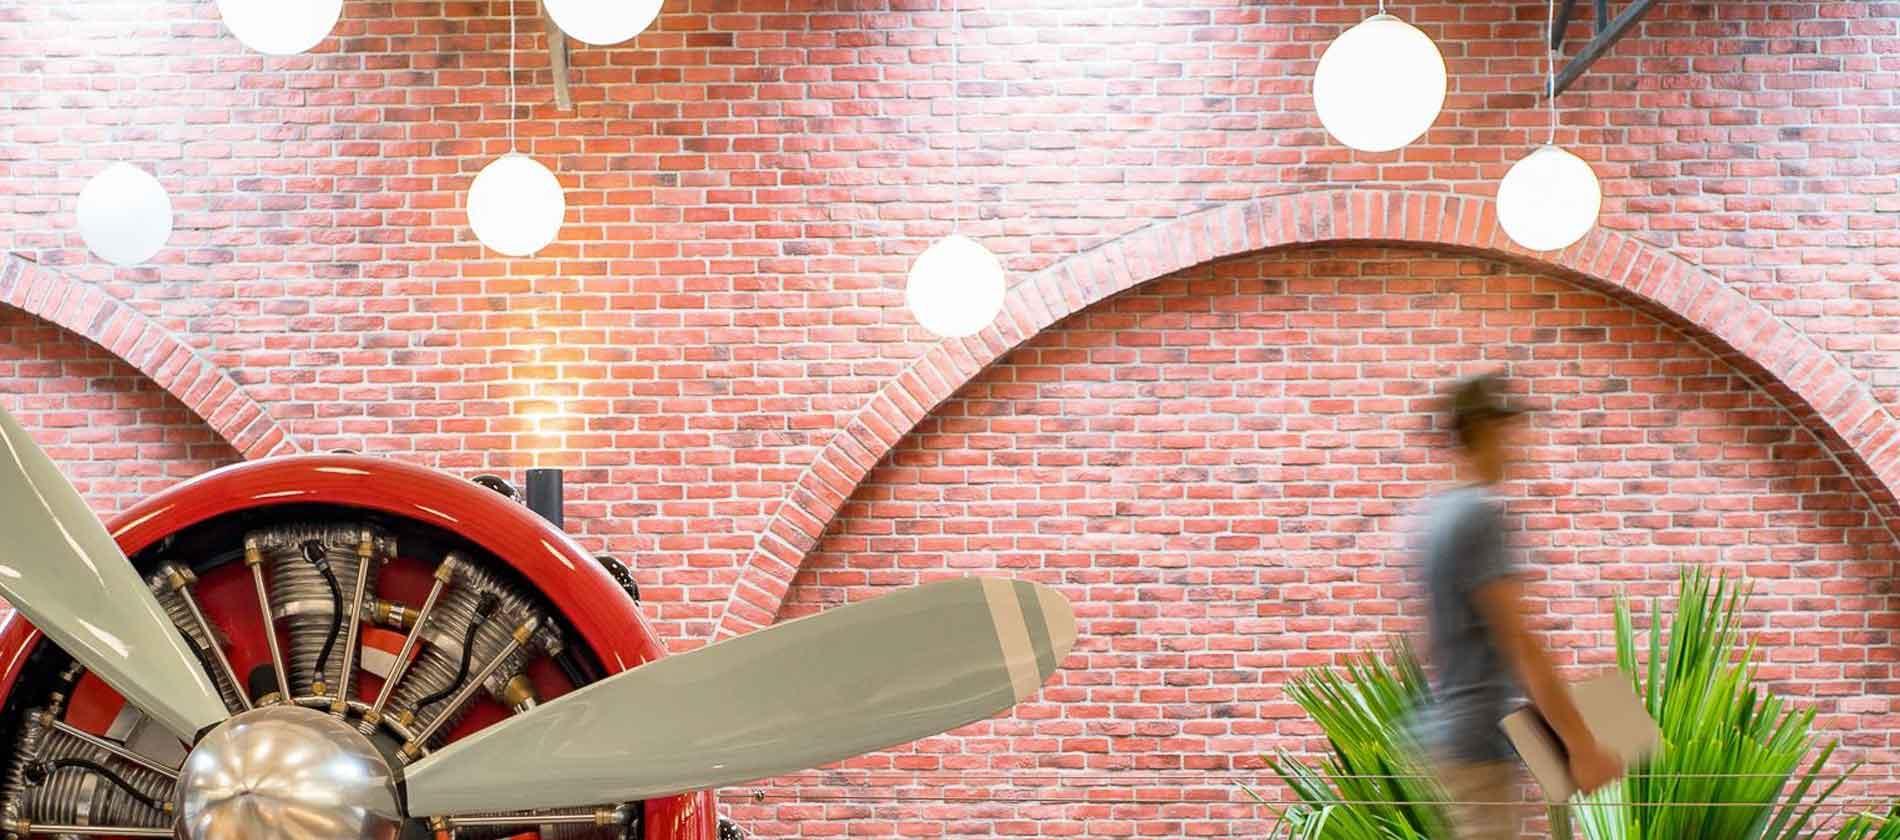 KASTONE® Brick Veneer | DS-905